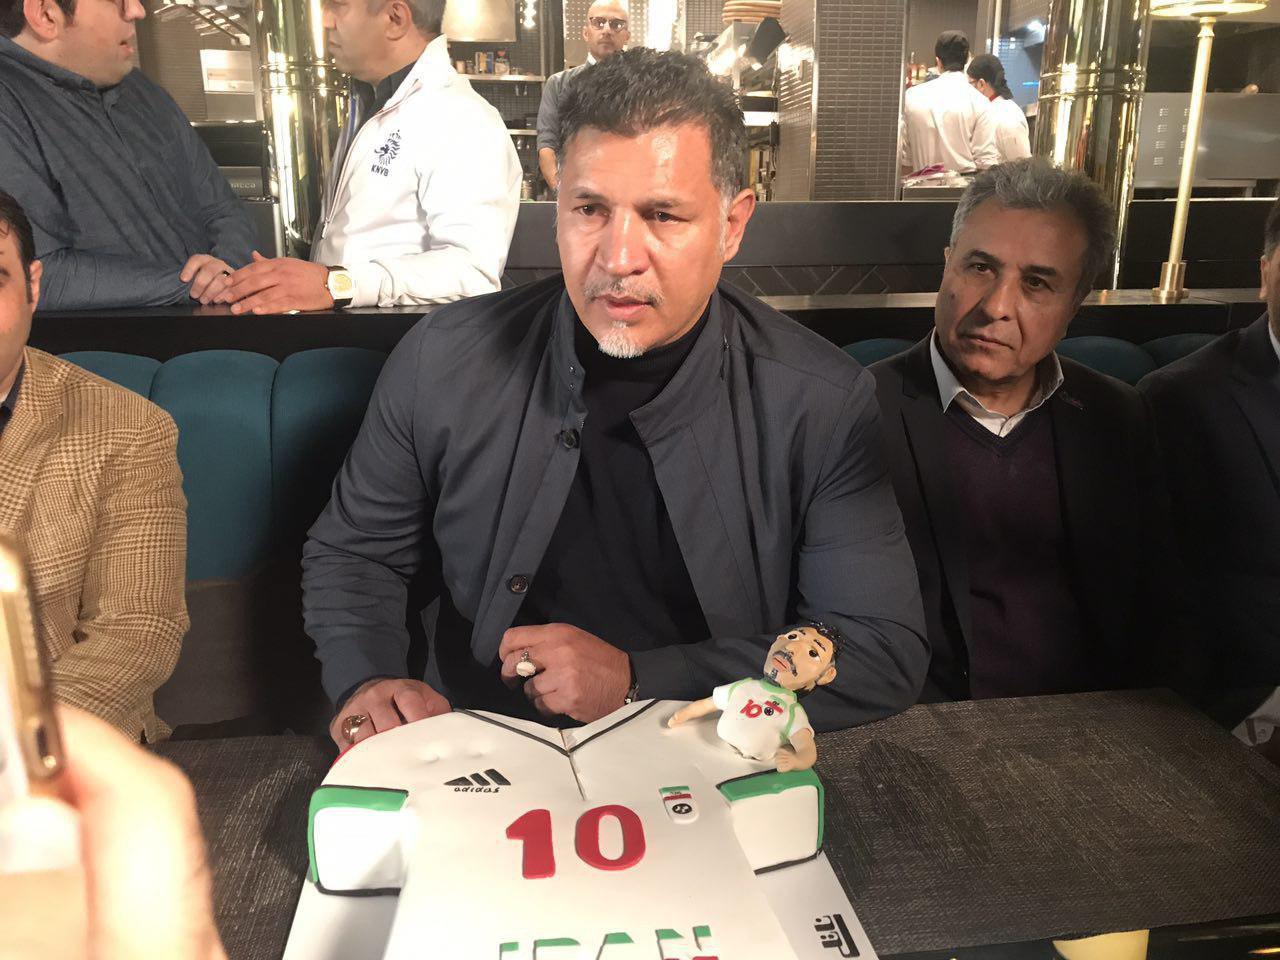 صحبت های جالب علی دایی در مورد وزارت ورزش و فدراسیون فوتبال